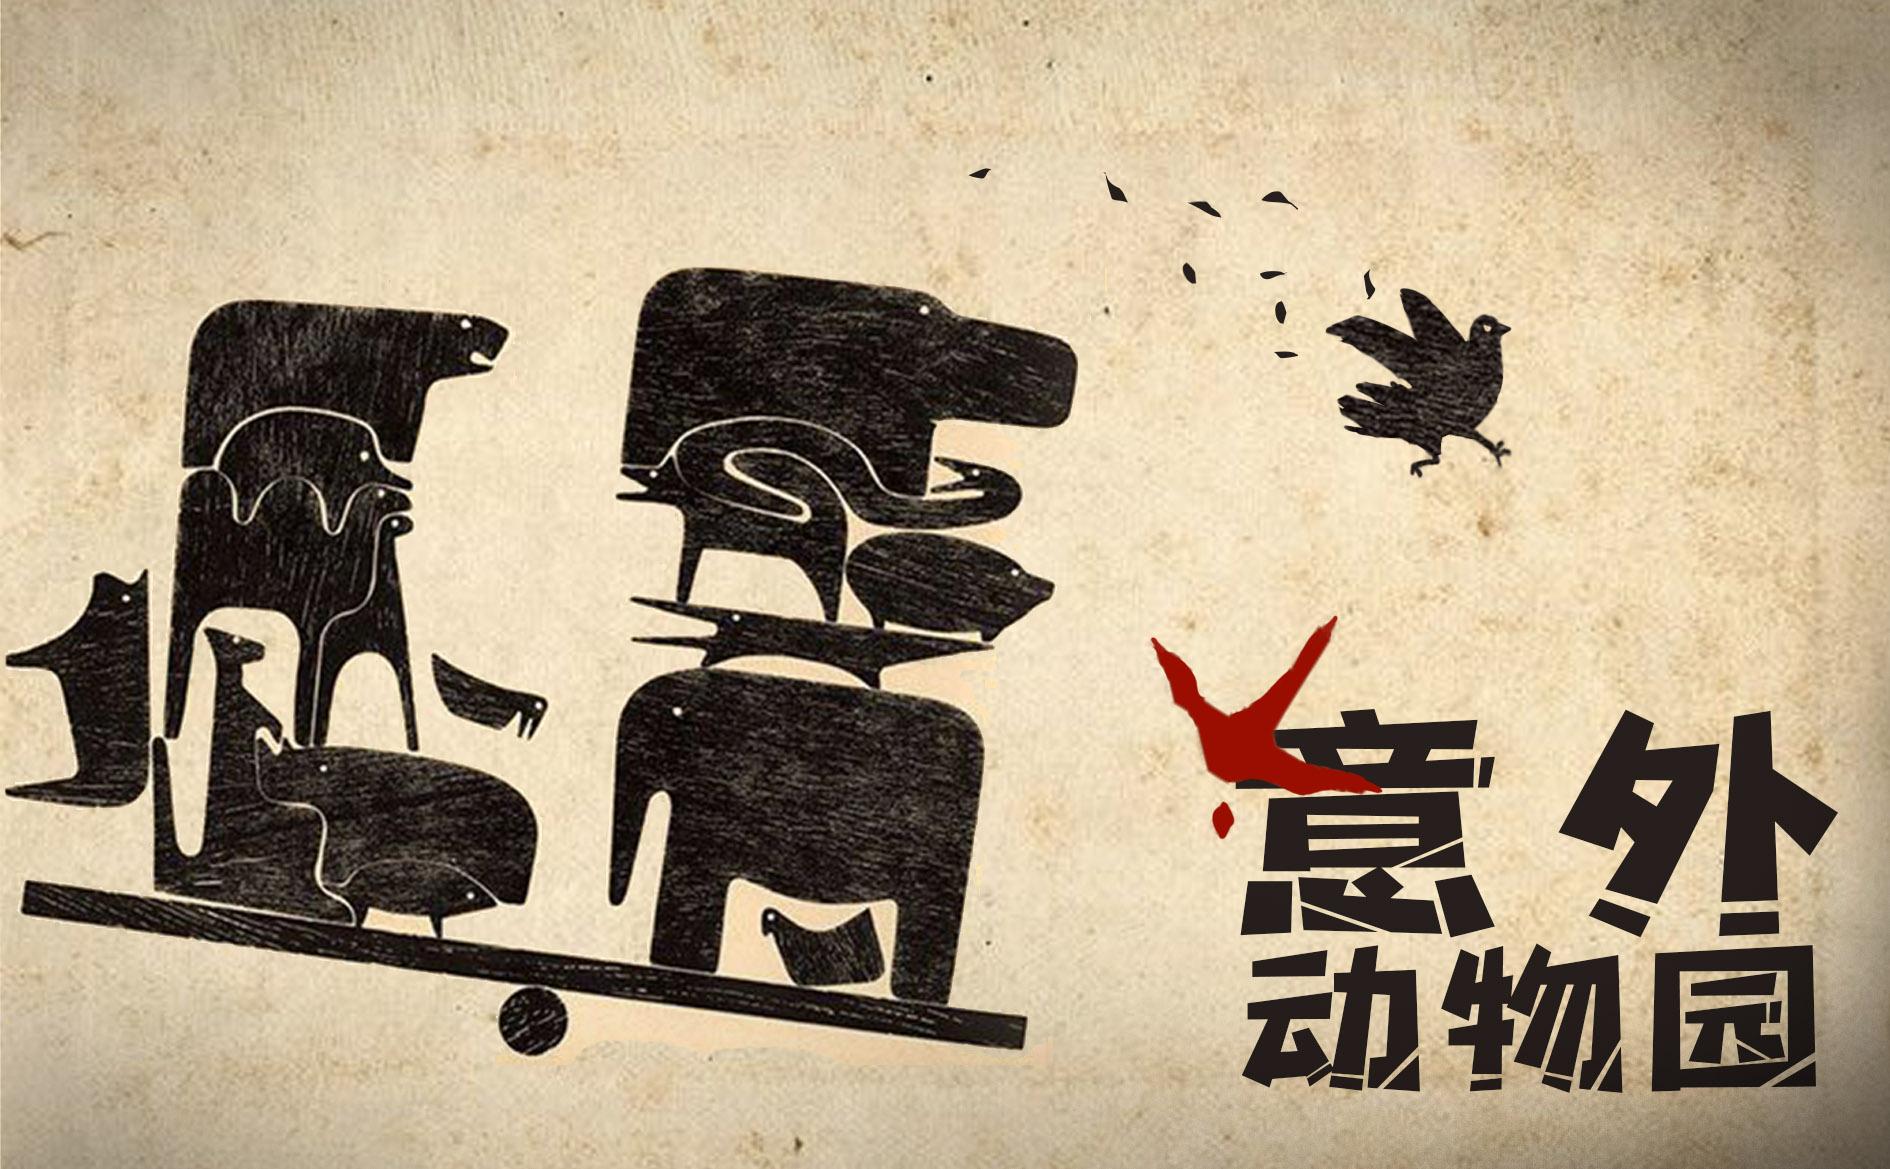 《意外动物园》剧本杀资料_故事背景_角色简介_玩家点评_复盘解析